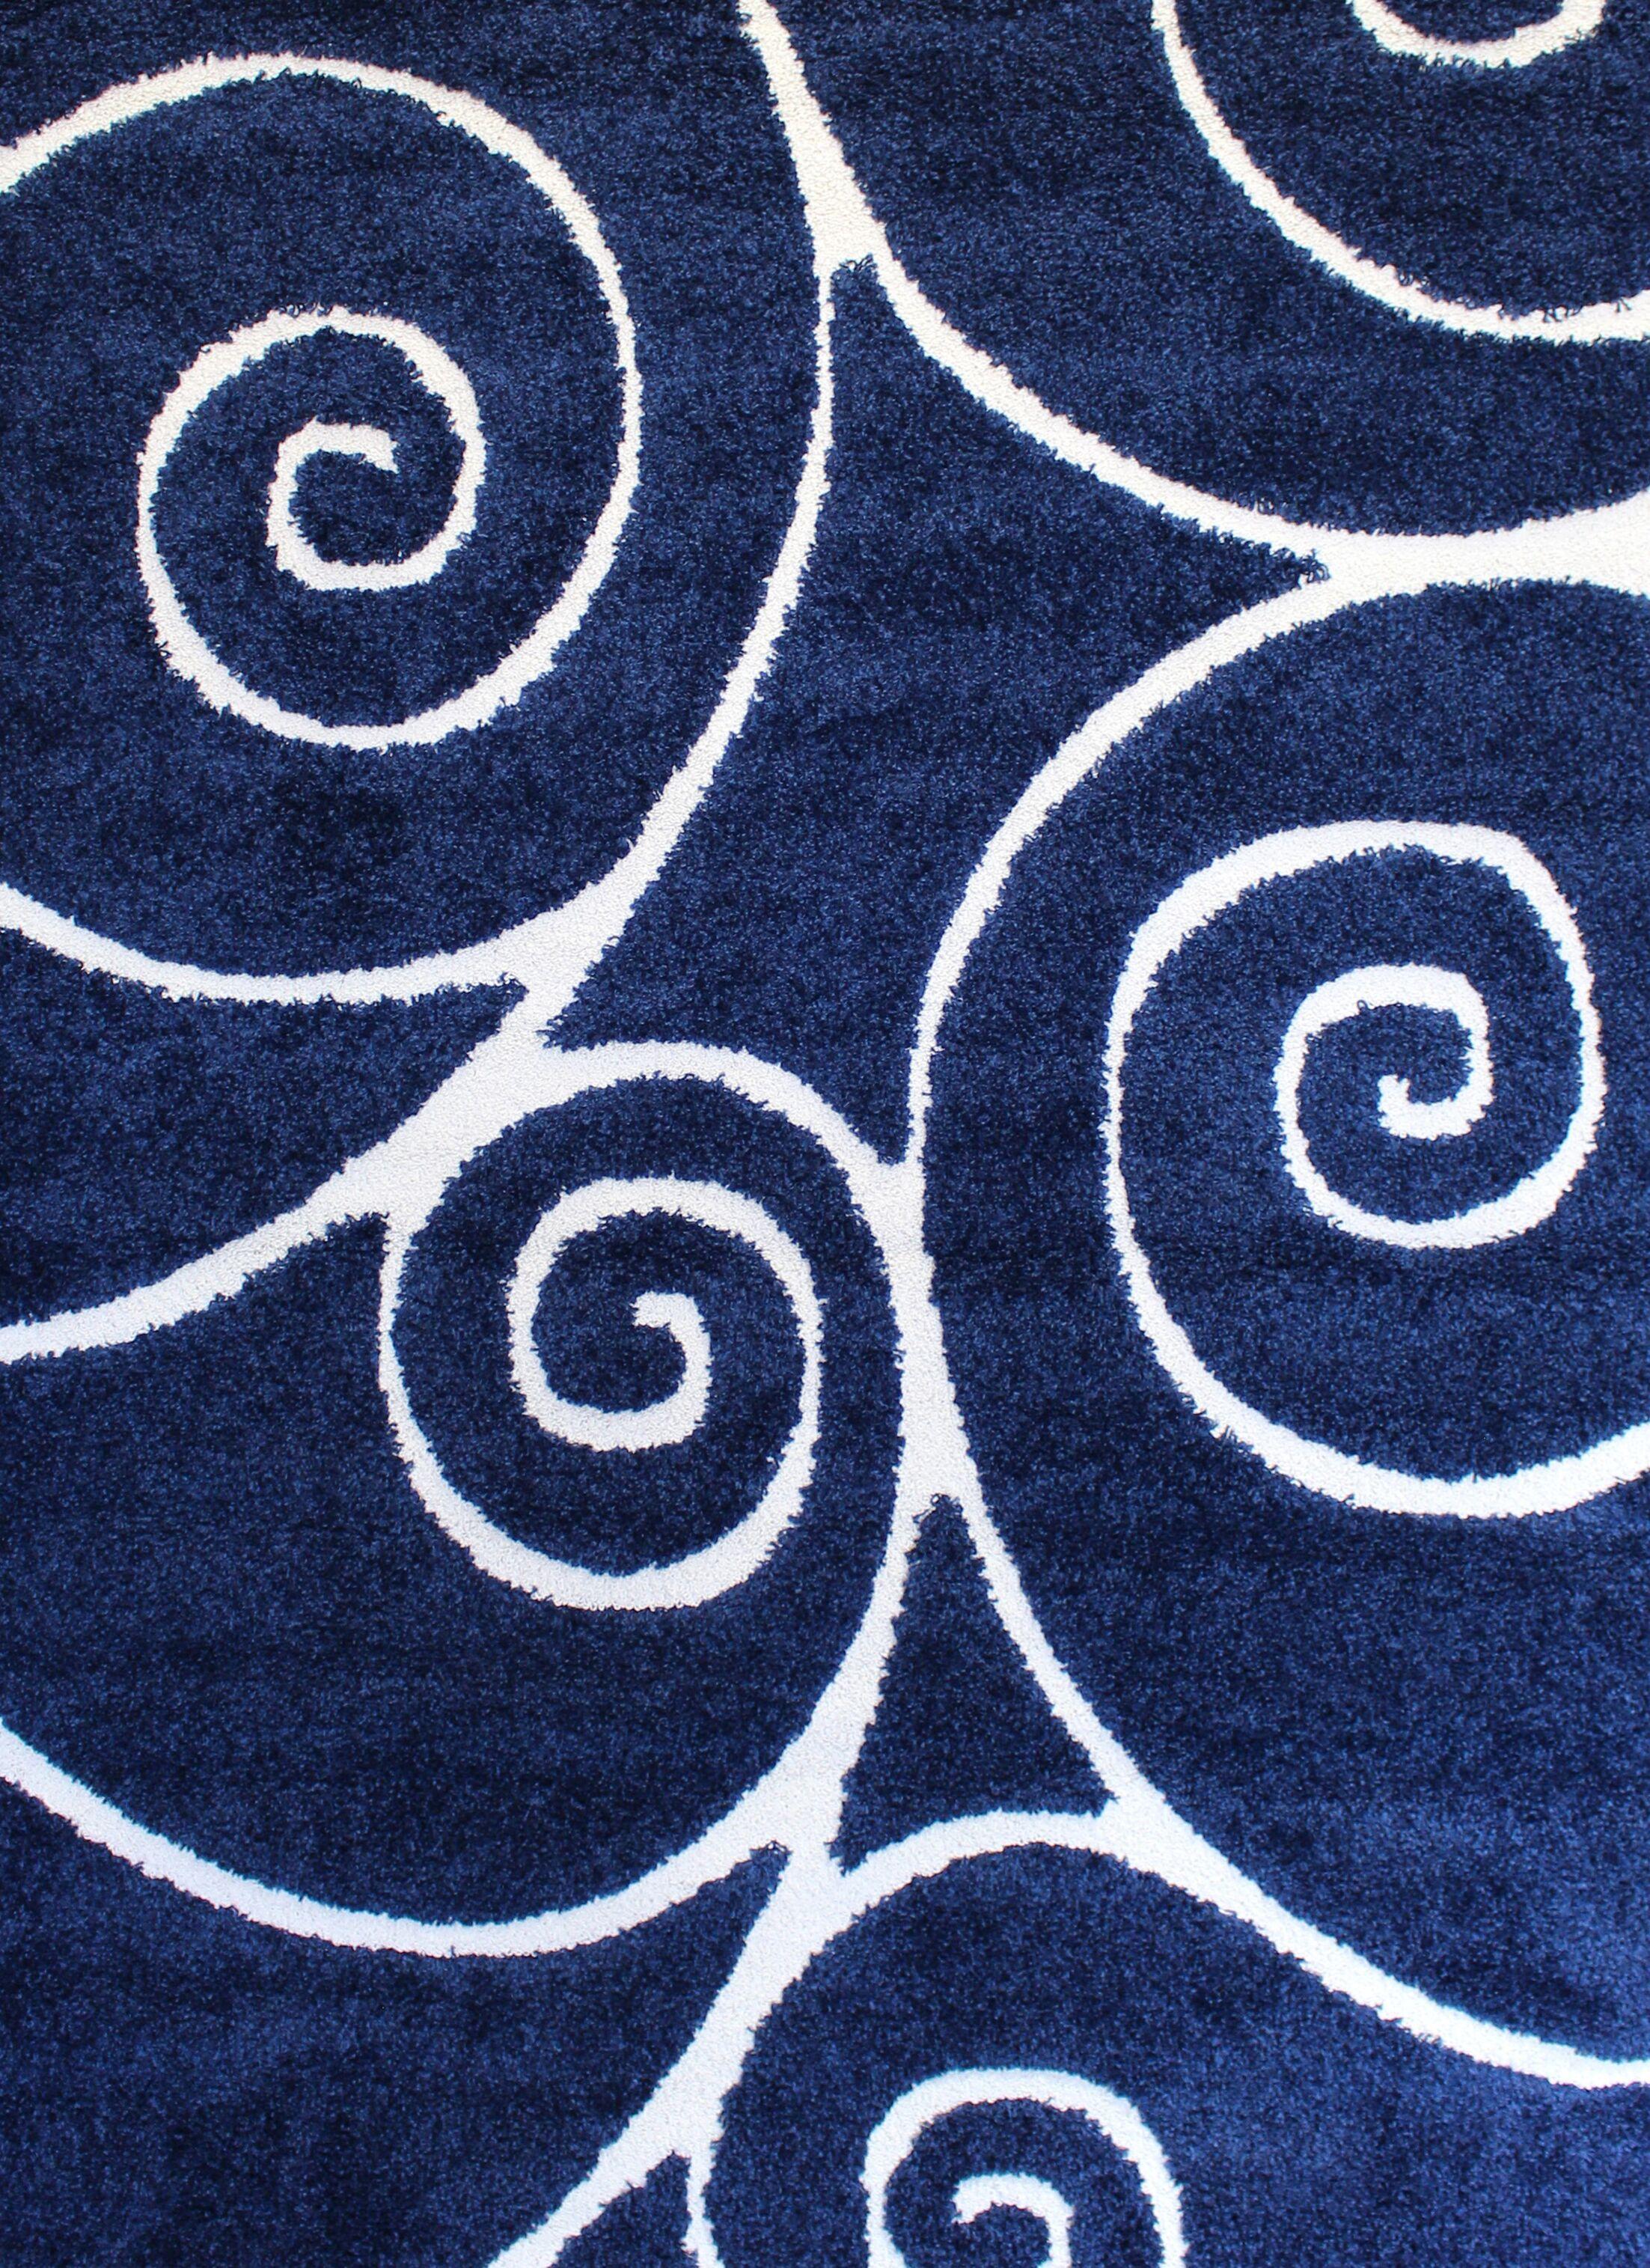 Quaoar Shaggy Swirls Navy Blue Area Rug Rug Size: 4' x 6'